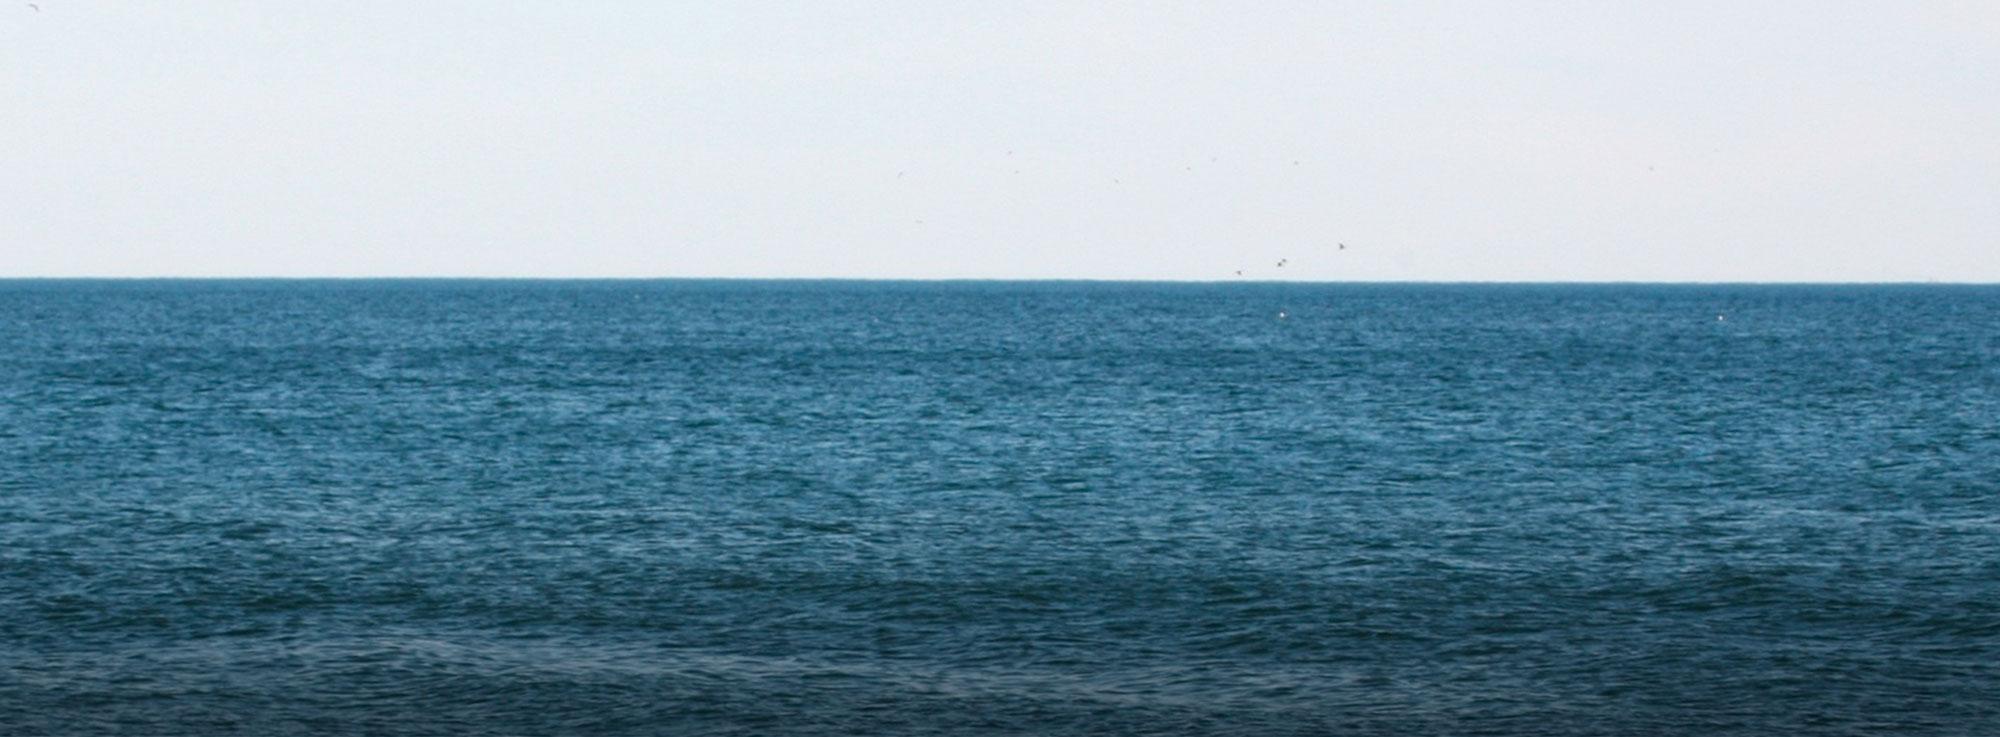 """Brindisi: """"Mare Nostrum"""": un viaggio verso il paradiso oltre i confini della speranza"""